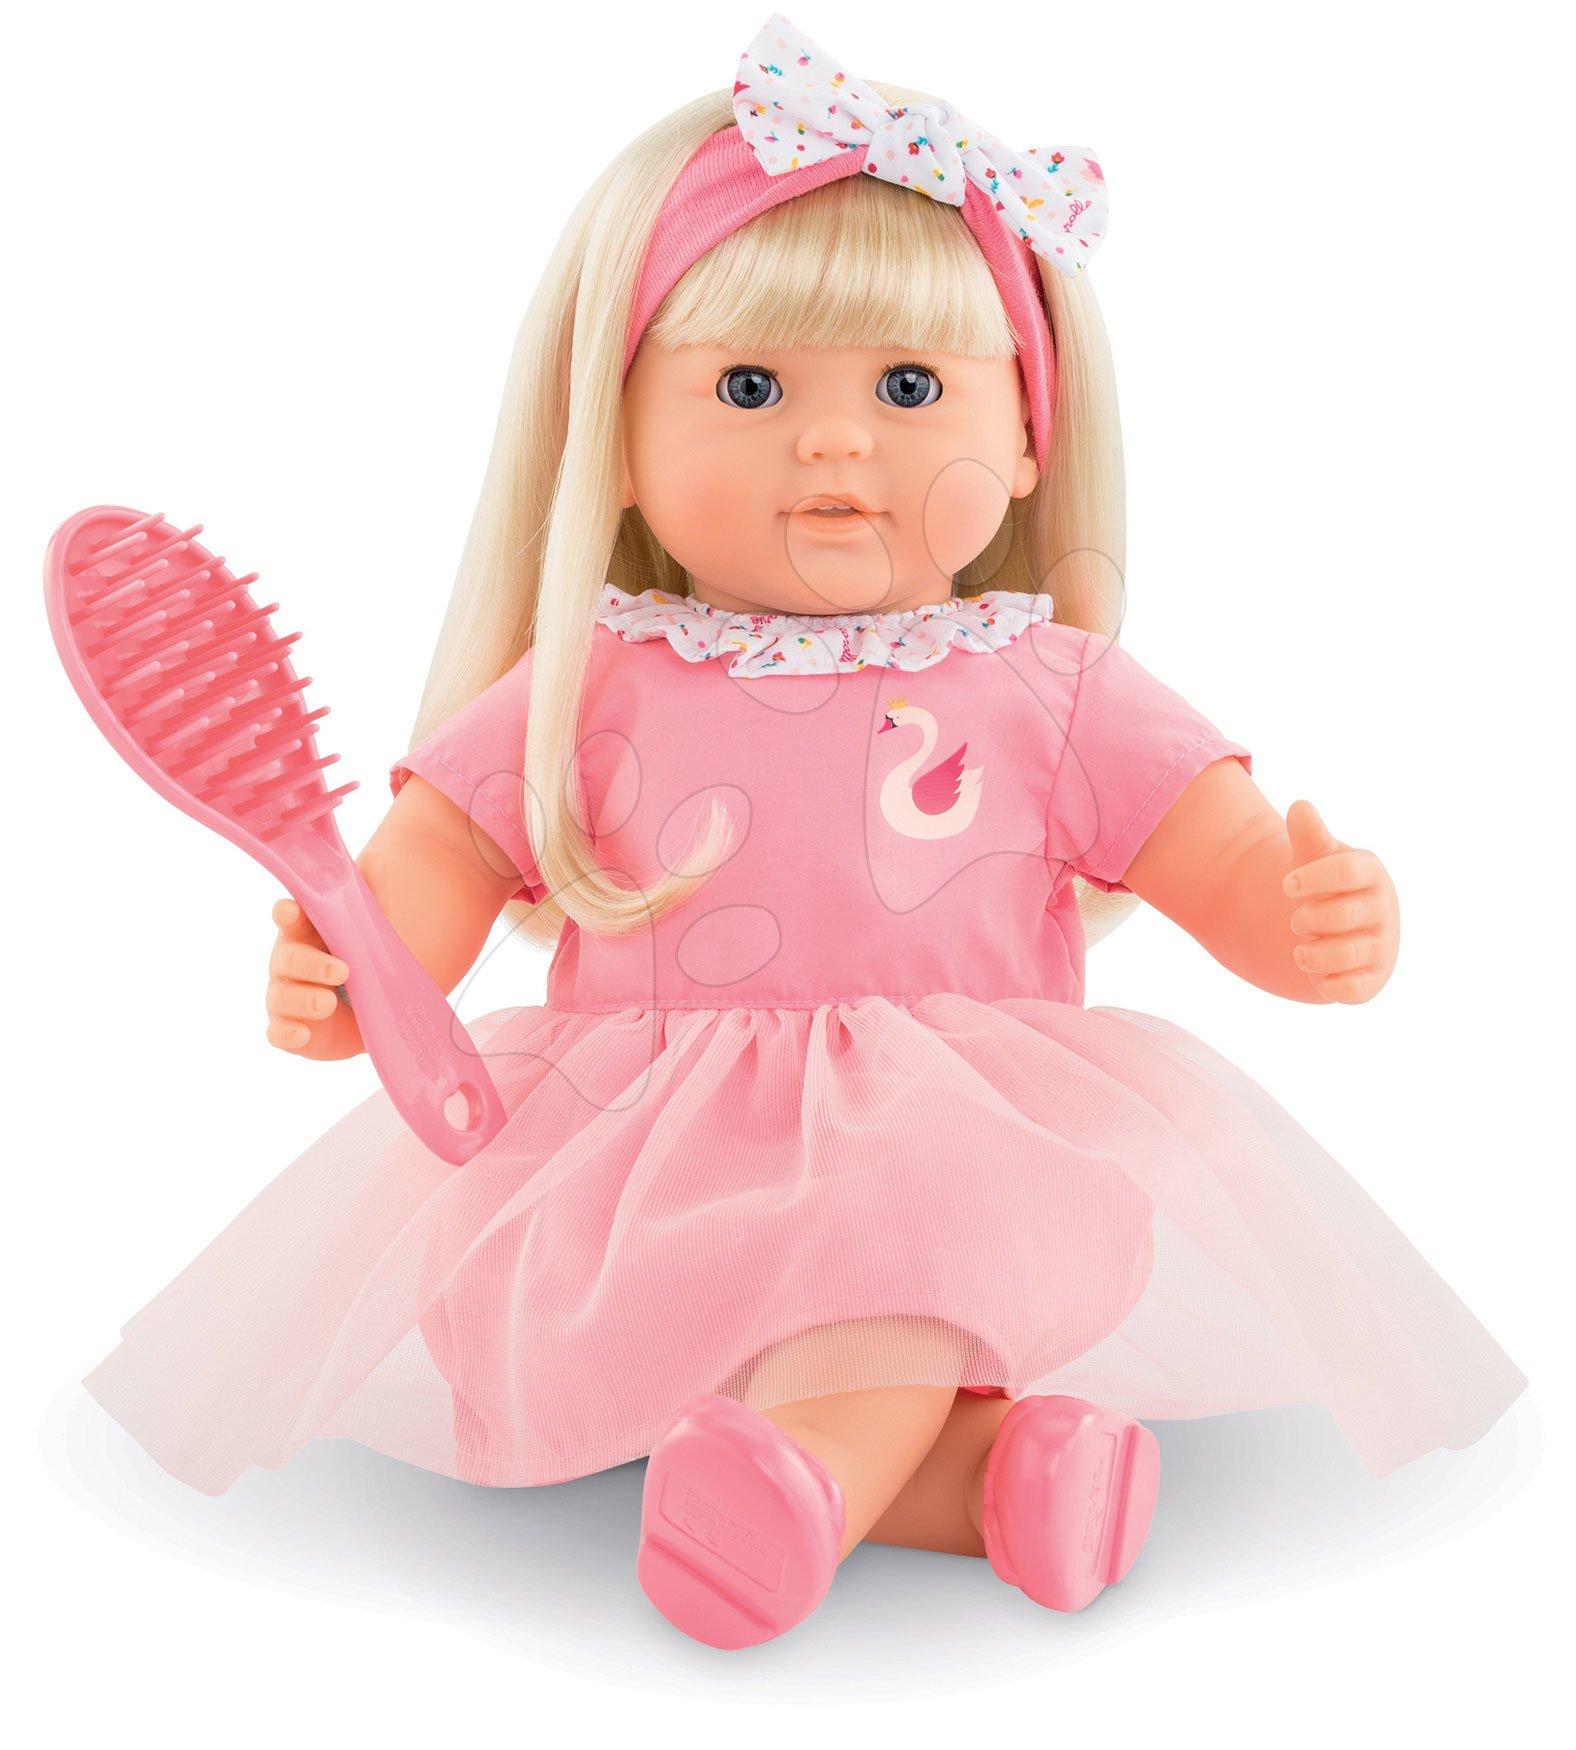 Bábika Adele s blond vlasmi Mon Grand Poupon Corolle 36 cm s modrými klipkajúcimi očami a hrebeňom od 3 rokov